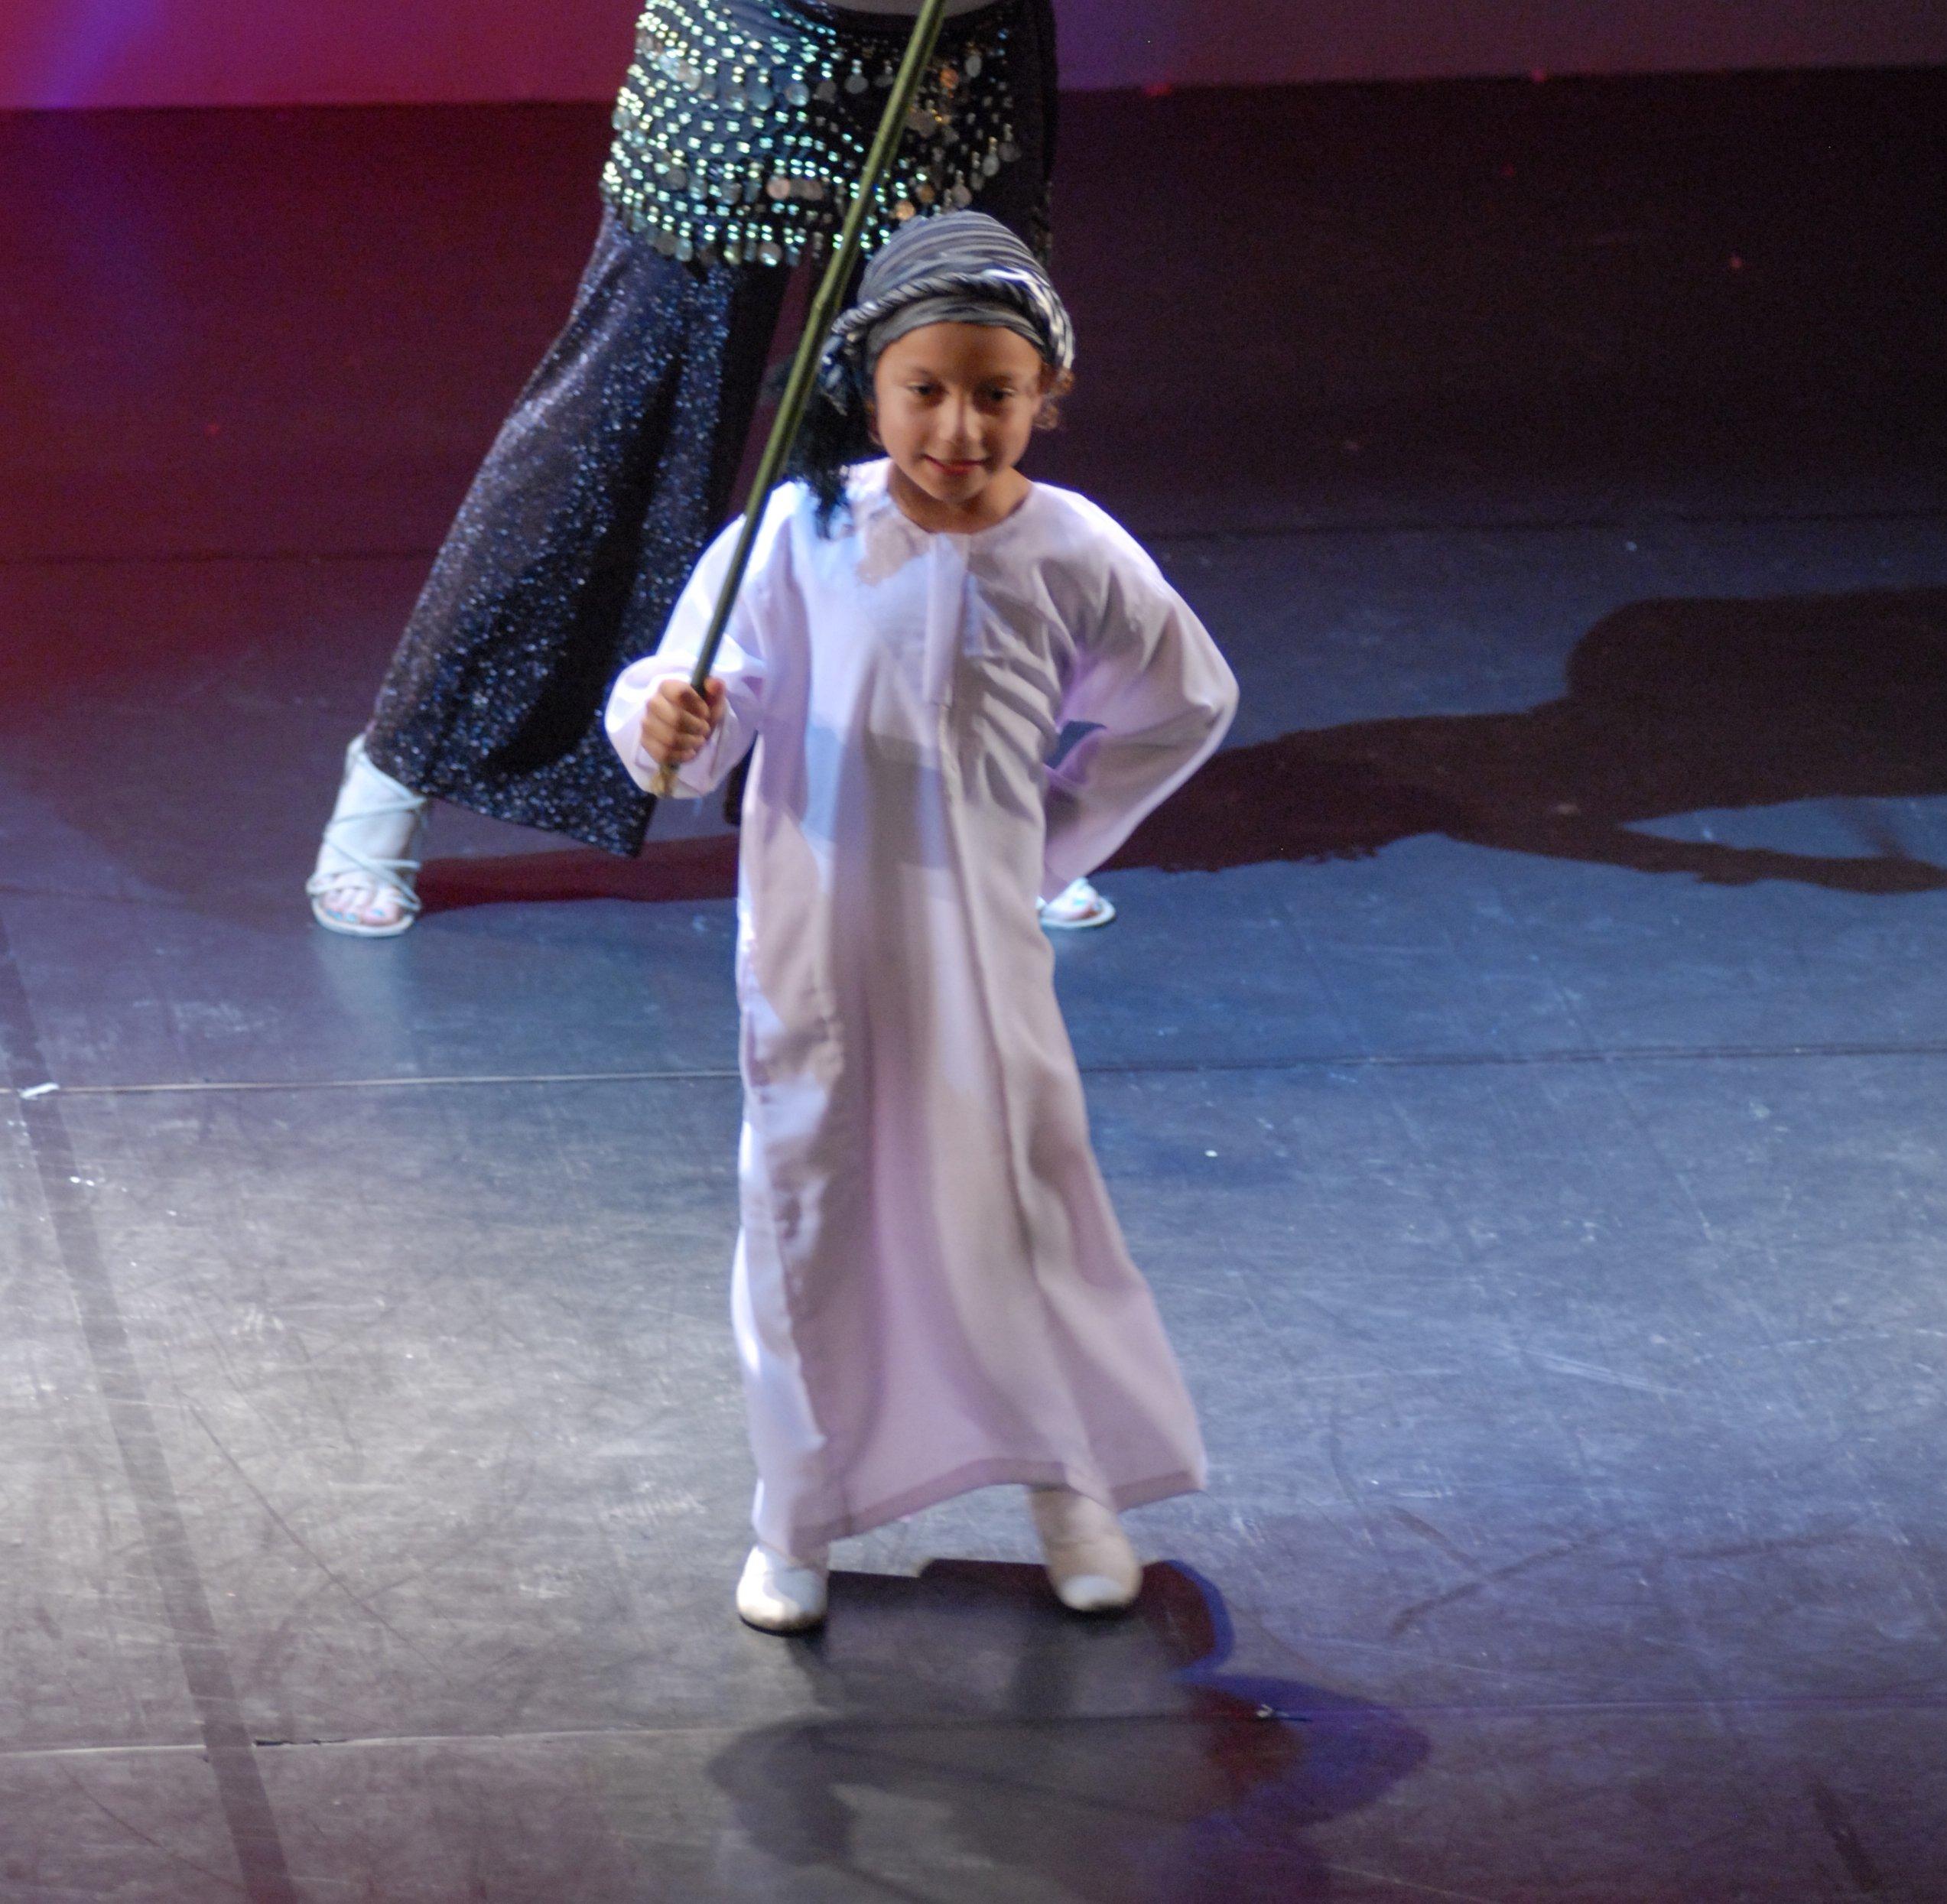 una bambina con una specie di turbante, un vestito bianco e un bastone in mano